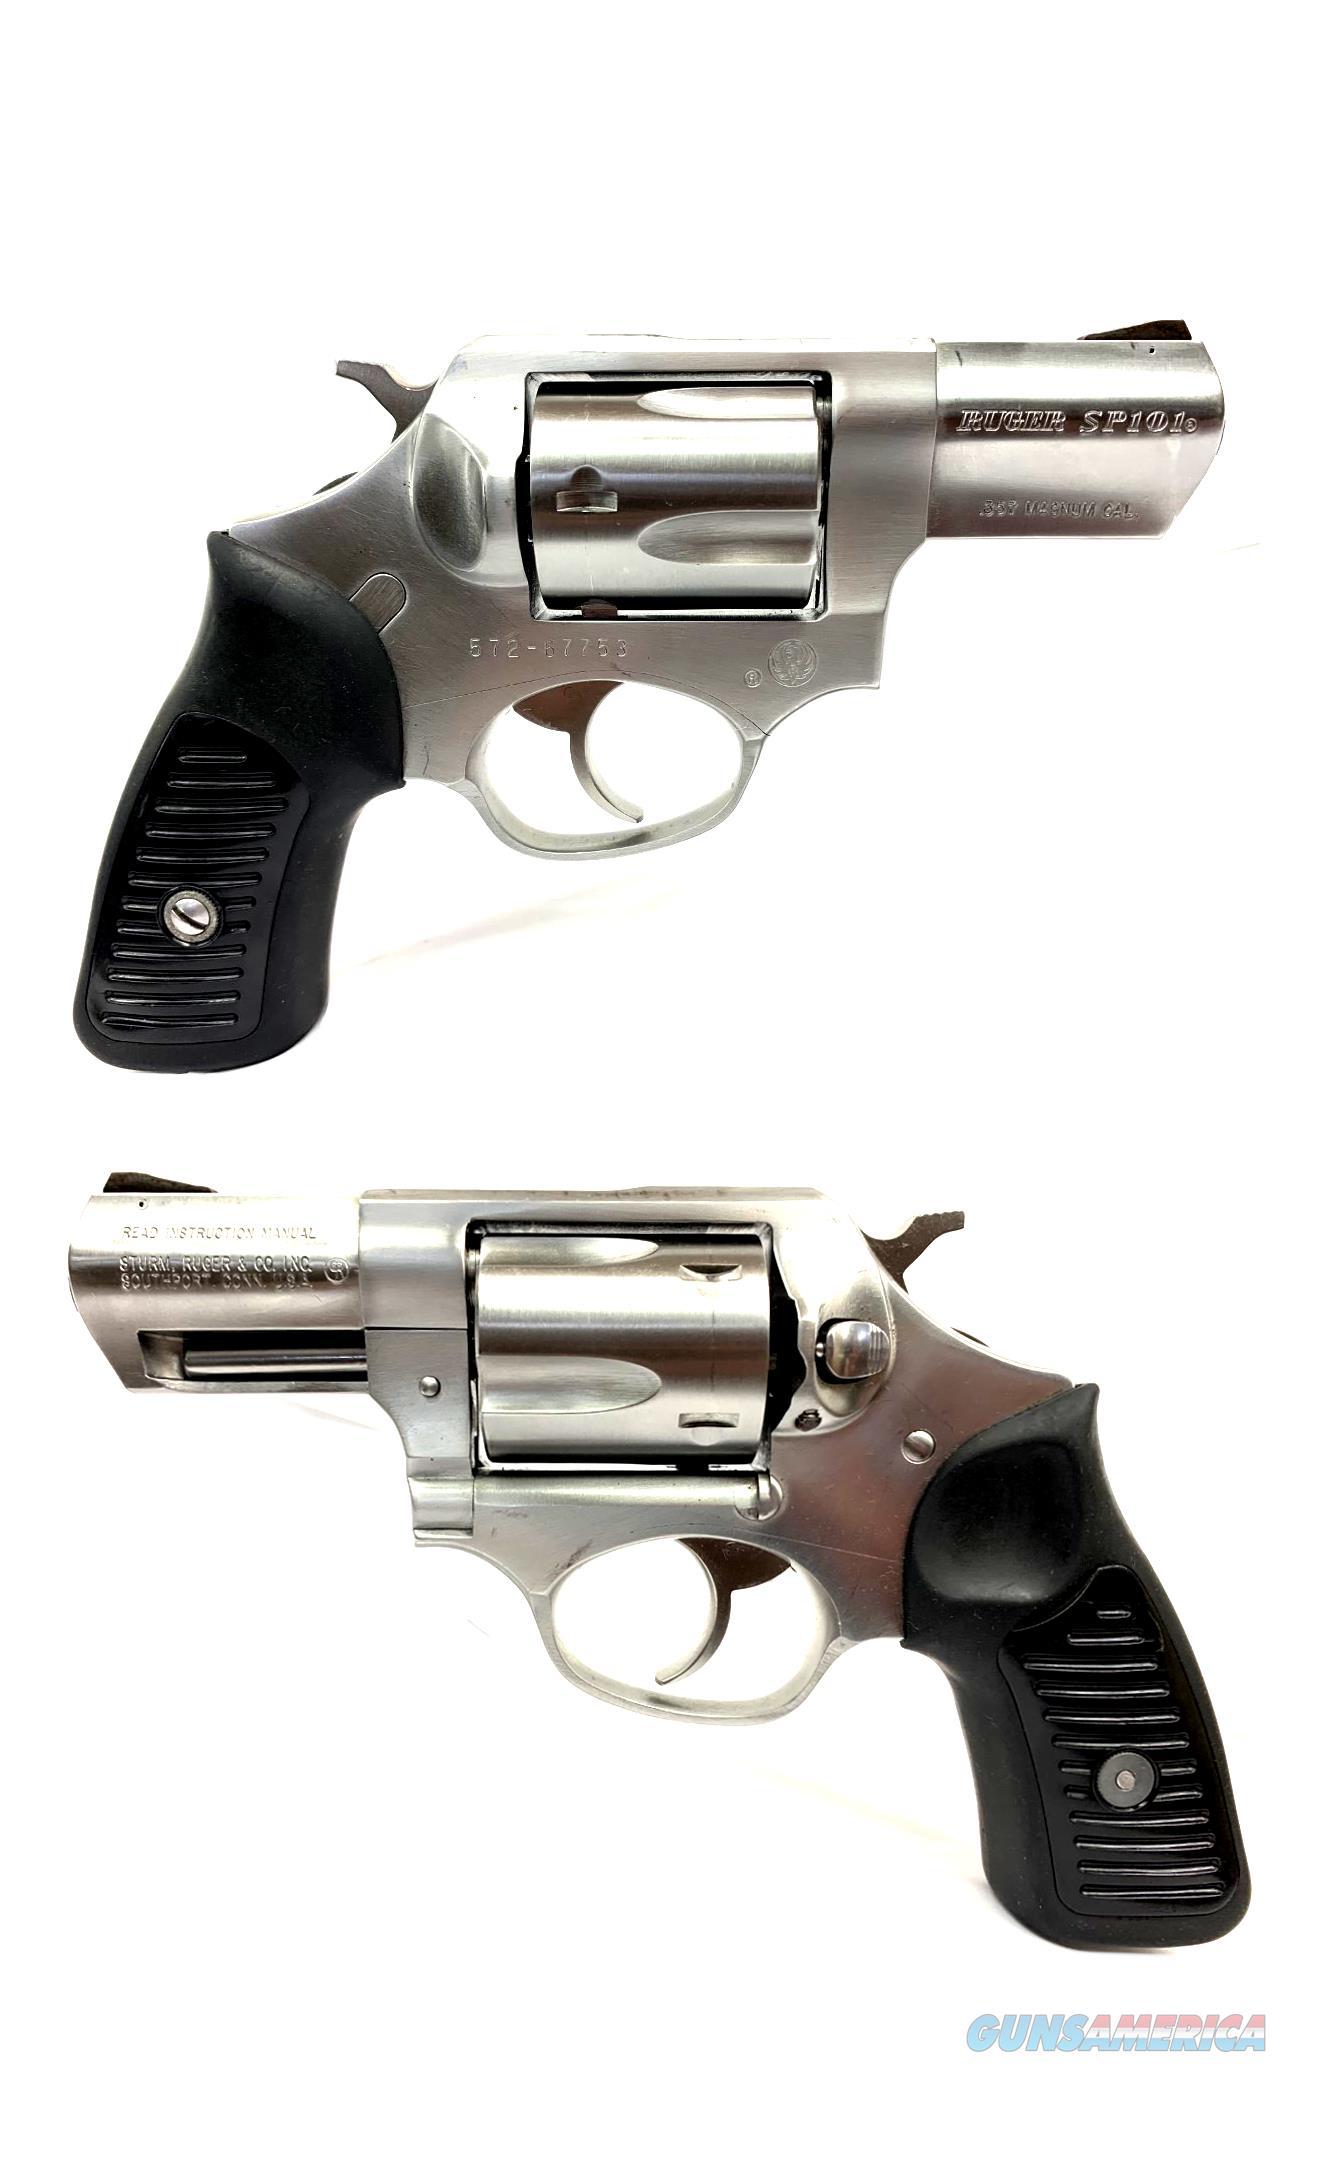 Ruger SP101 .357 MAGNUM Revolver W/ Holster  Guns > Pistols > Ruger Double Action Revolver > SP101 Type